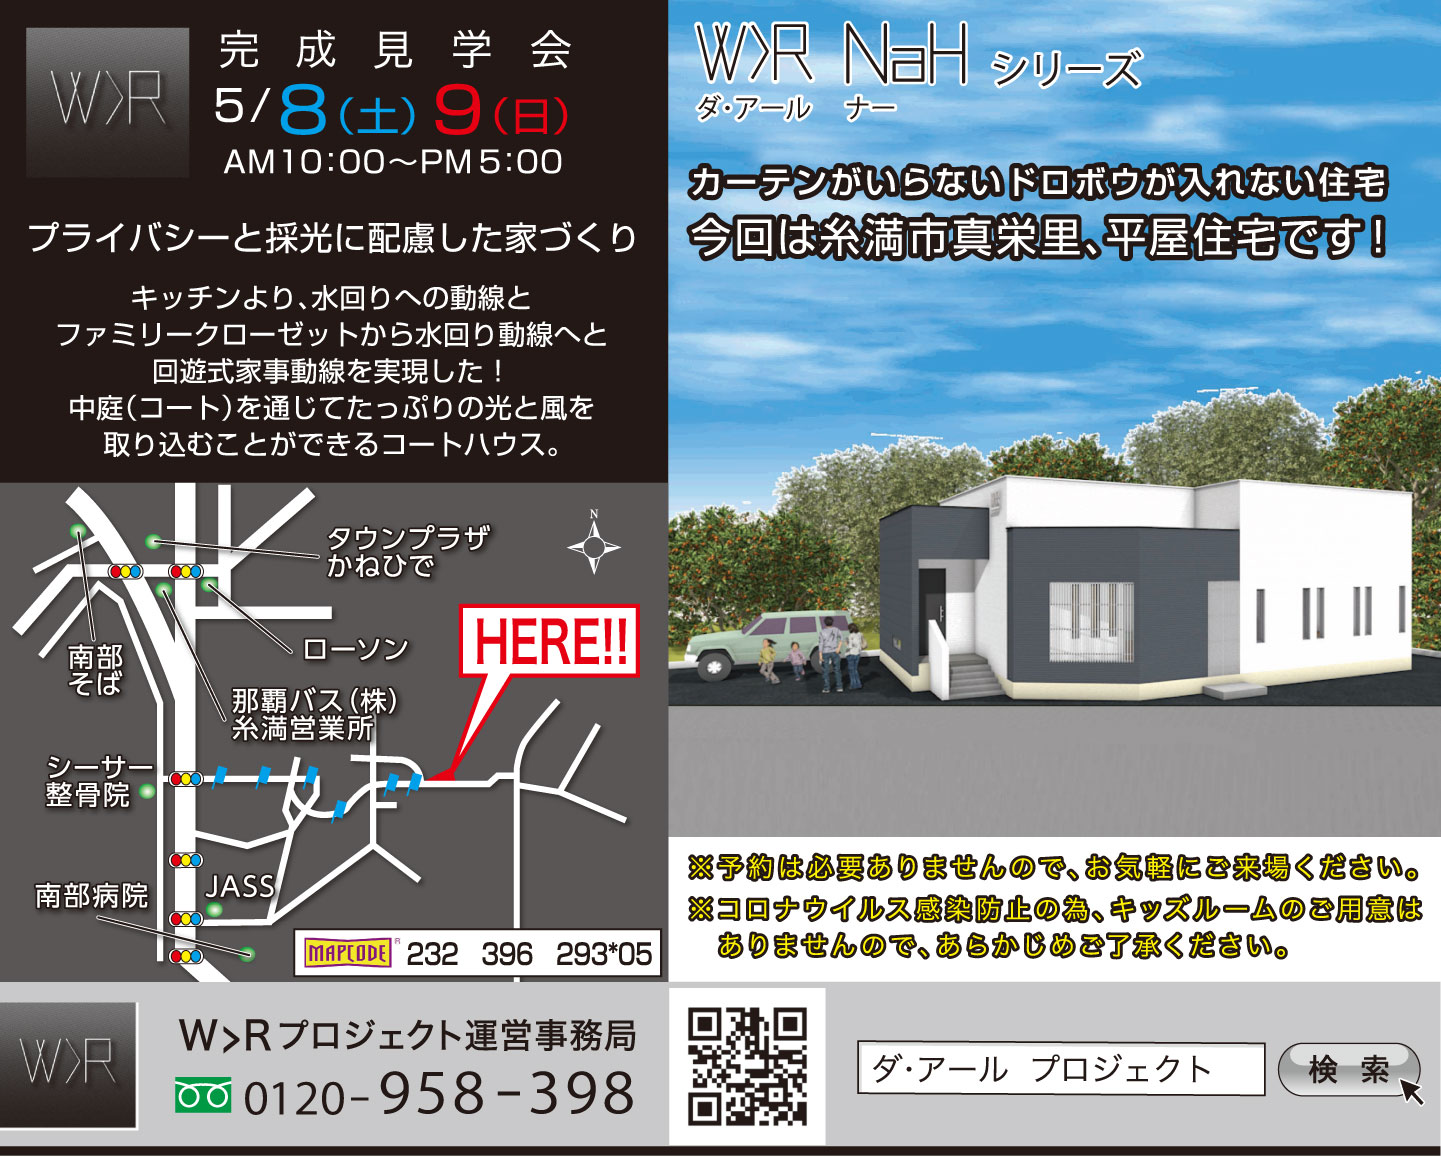 5/8~5/9 W>R(ダ・アール)プロジェクトが糸満市真栄里で平屋住宅の完成見学会